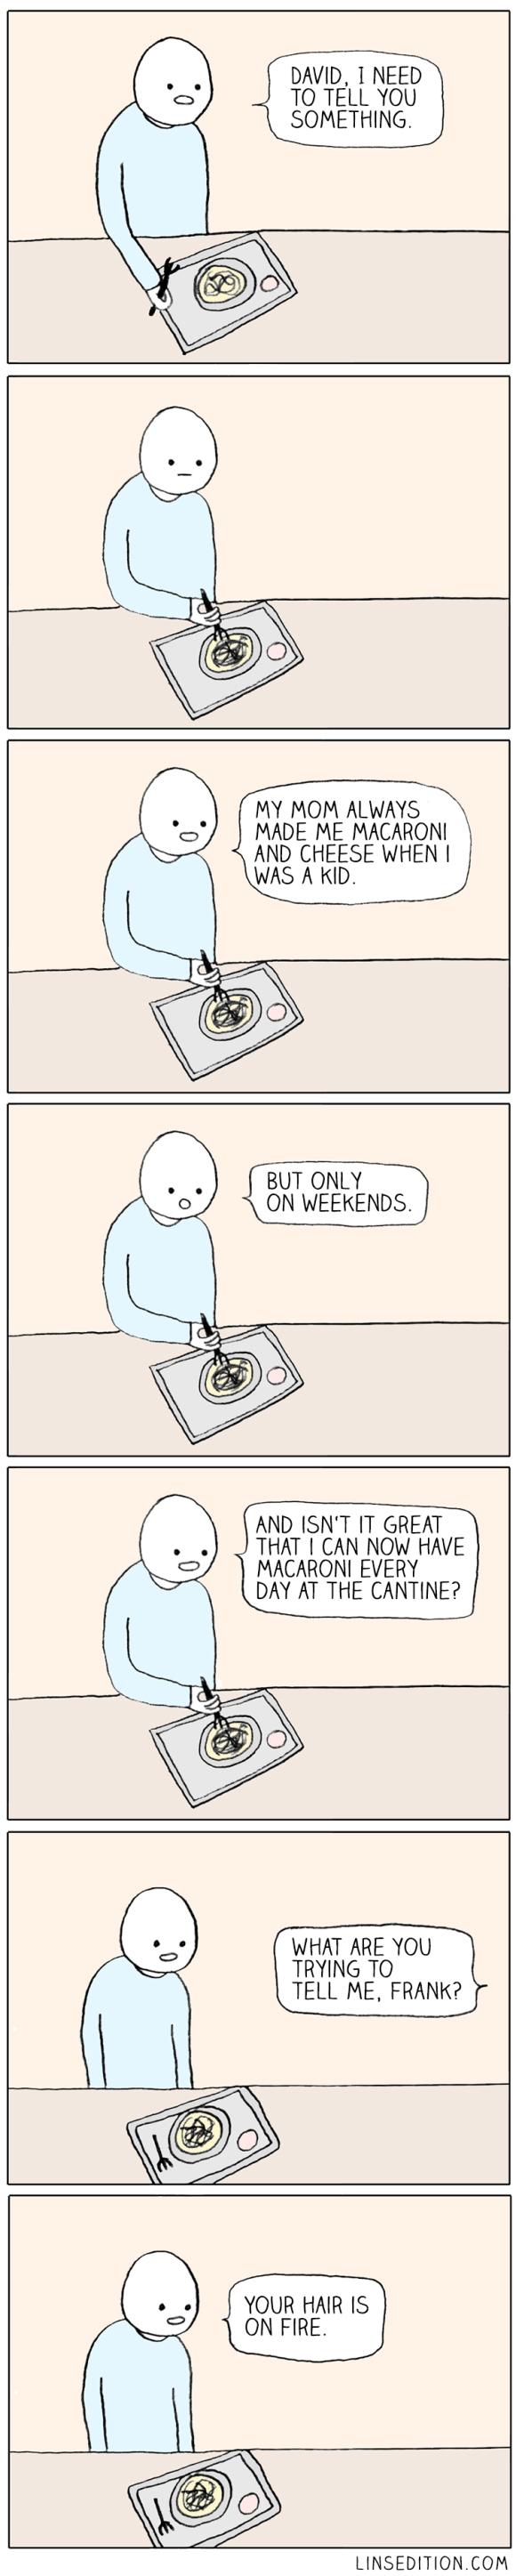 the_macaroni